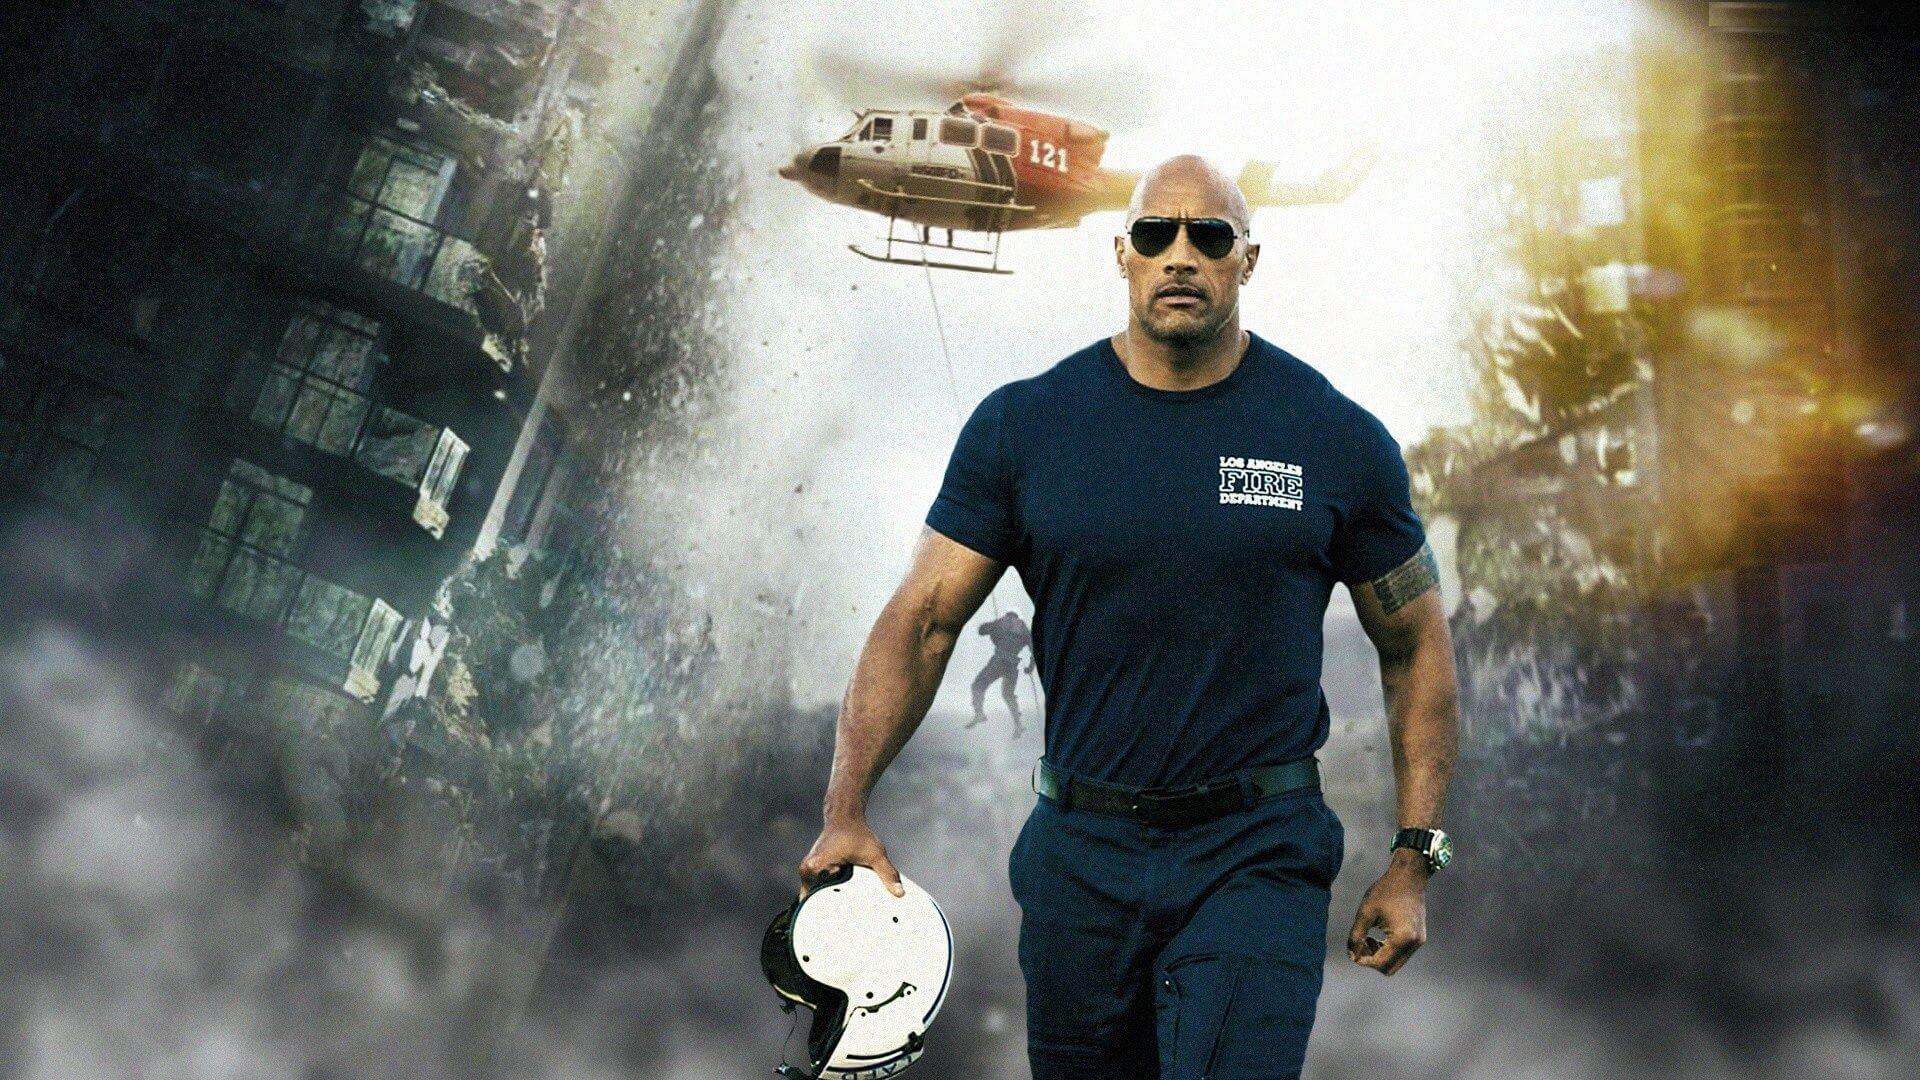 Terremoto A Falha de San Andreas (2015) com The Rock